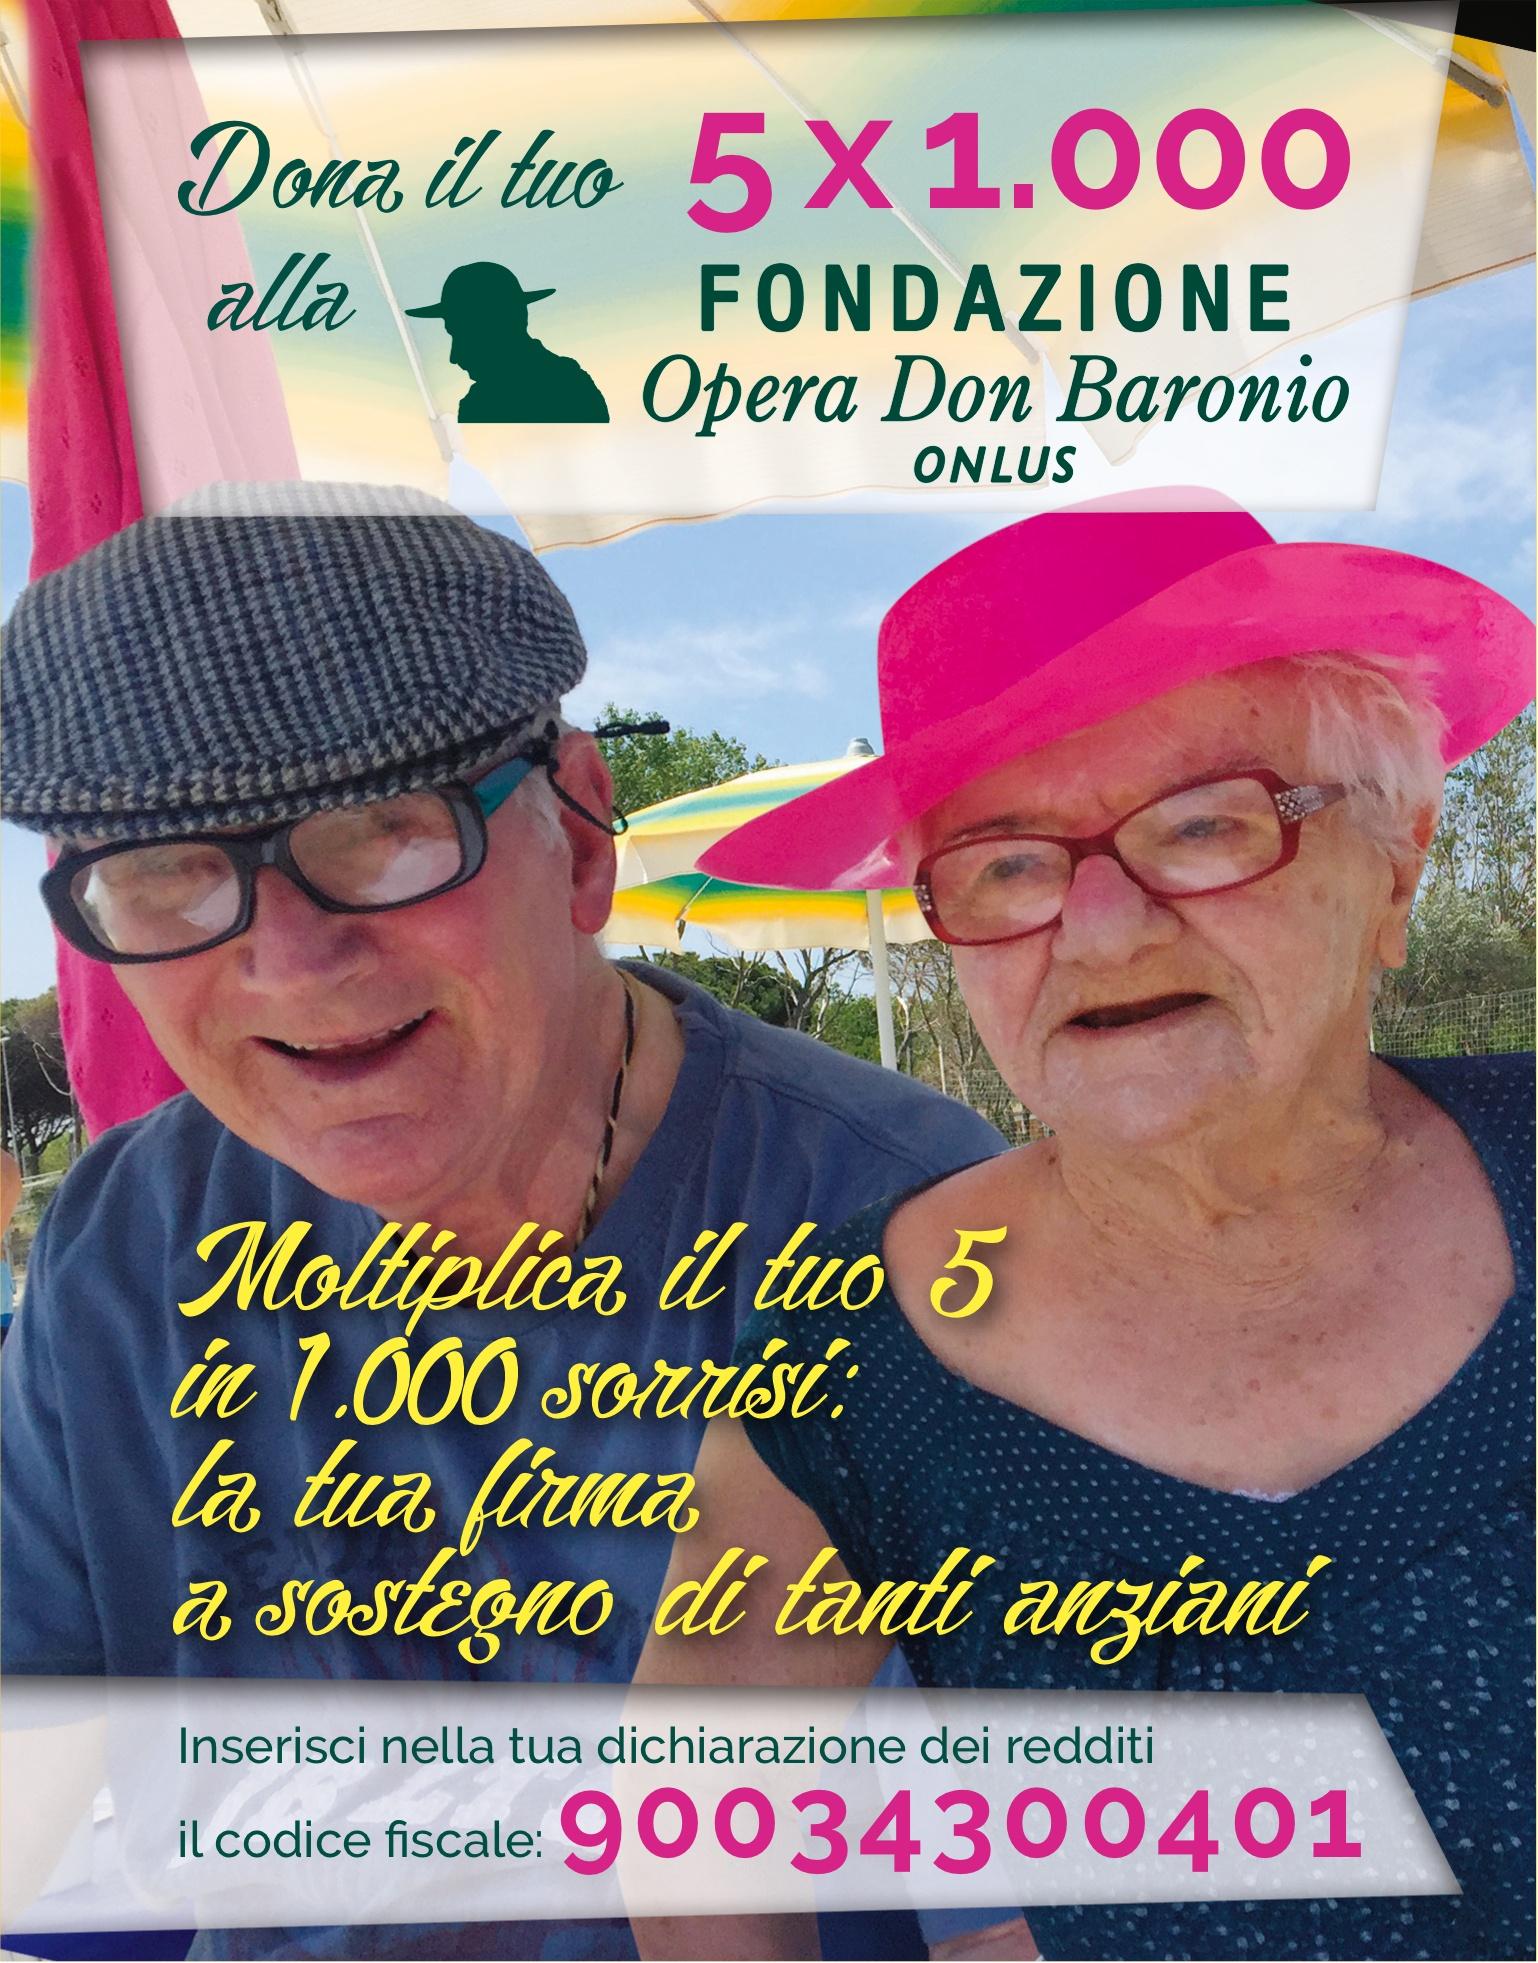 Dona Il Tuo 5*1000 Agli Ospiti Della Casa!!!